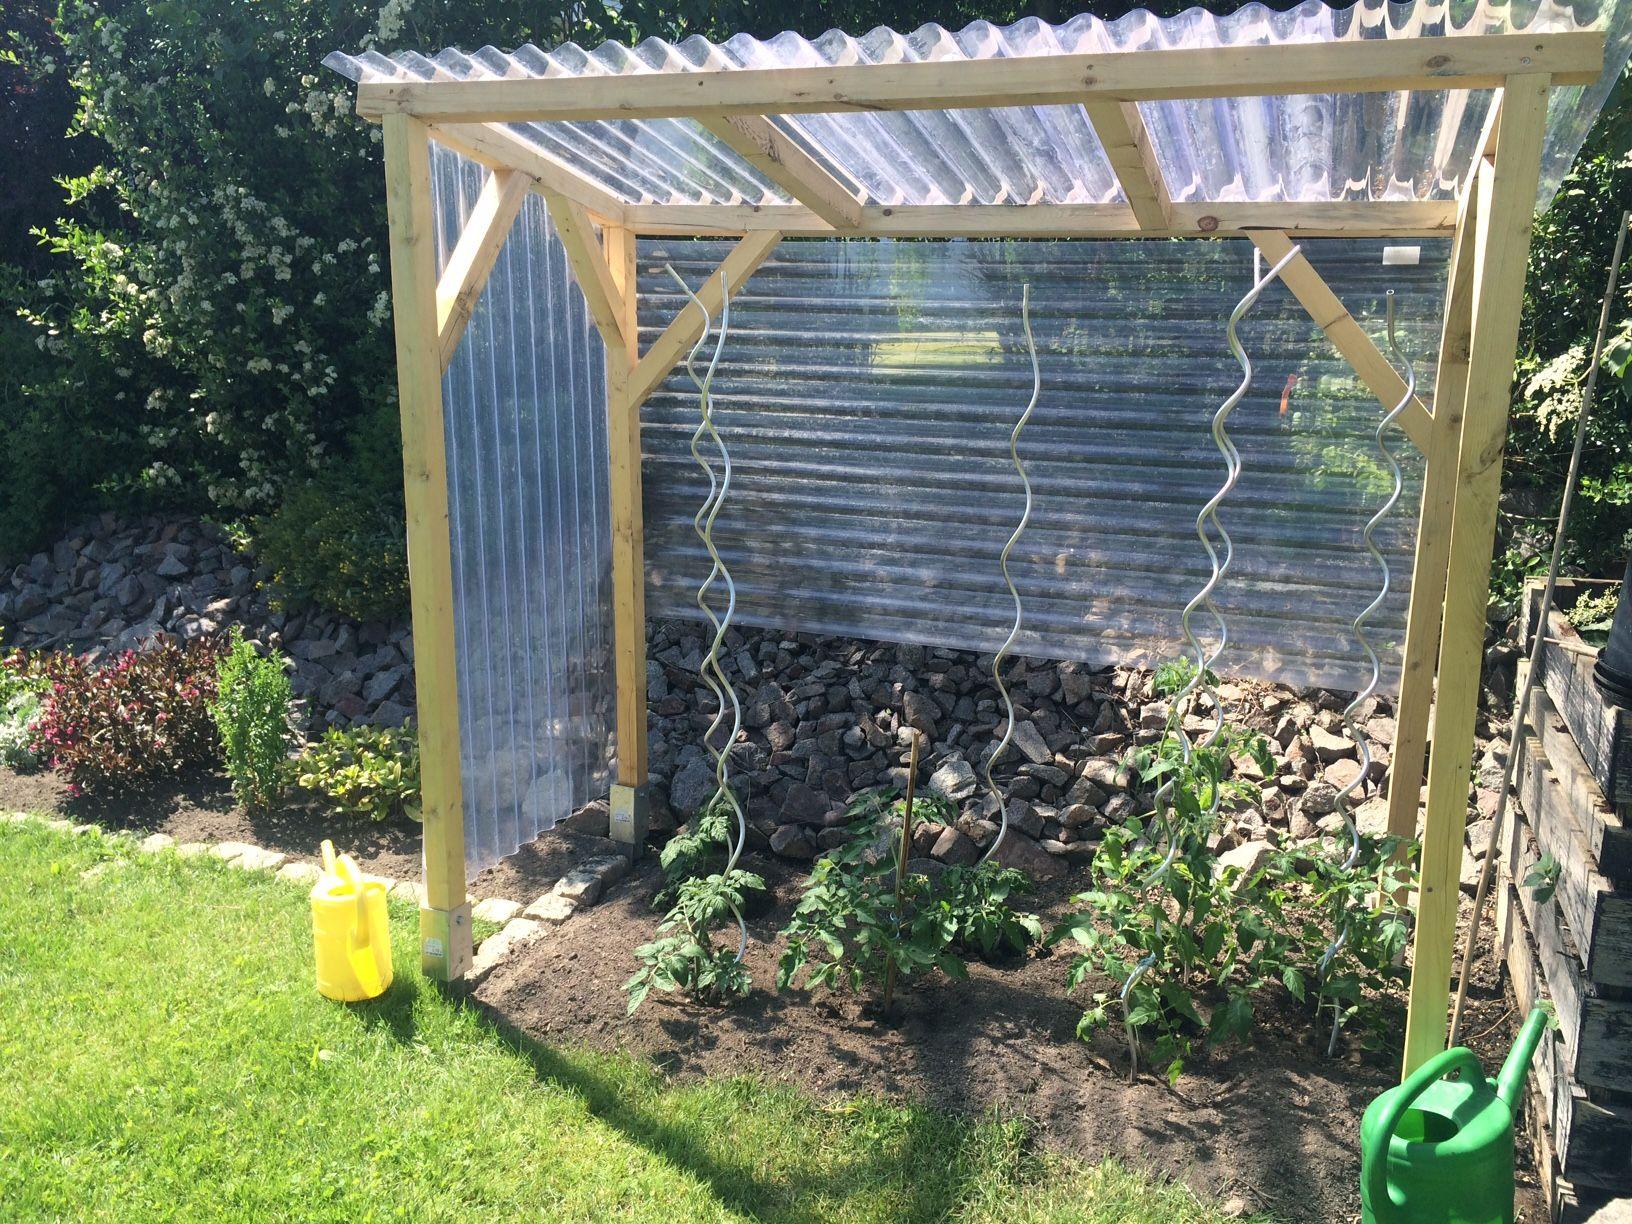 bildergebnis f r tomatenhaus selber bauen chevelle pinterest tomatenhaus selber bauen. Black Bedroom Furniture Sets. Home Design Ideas